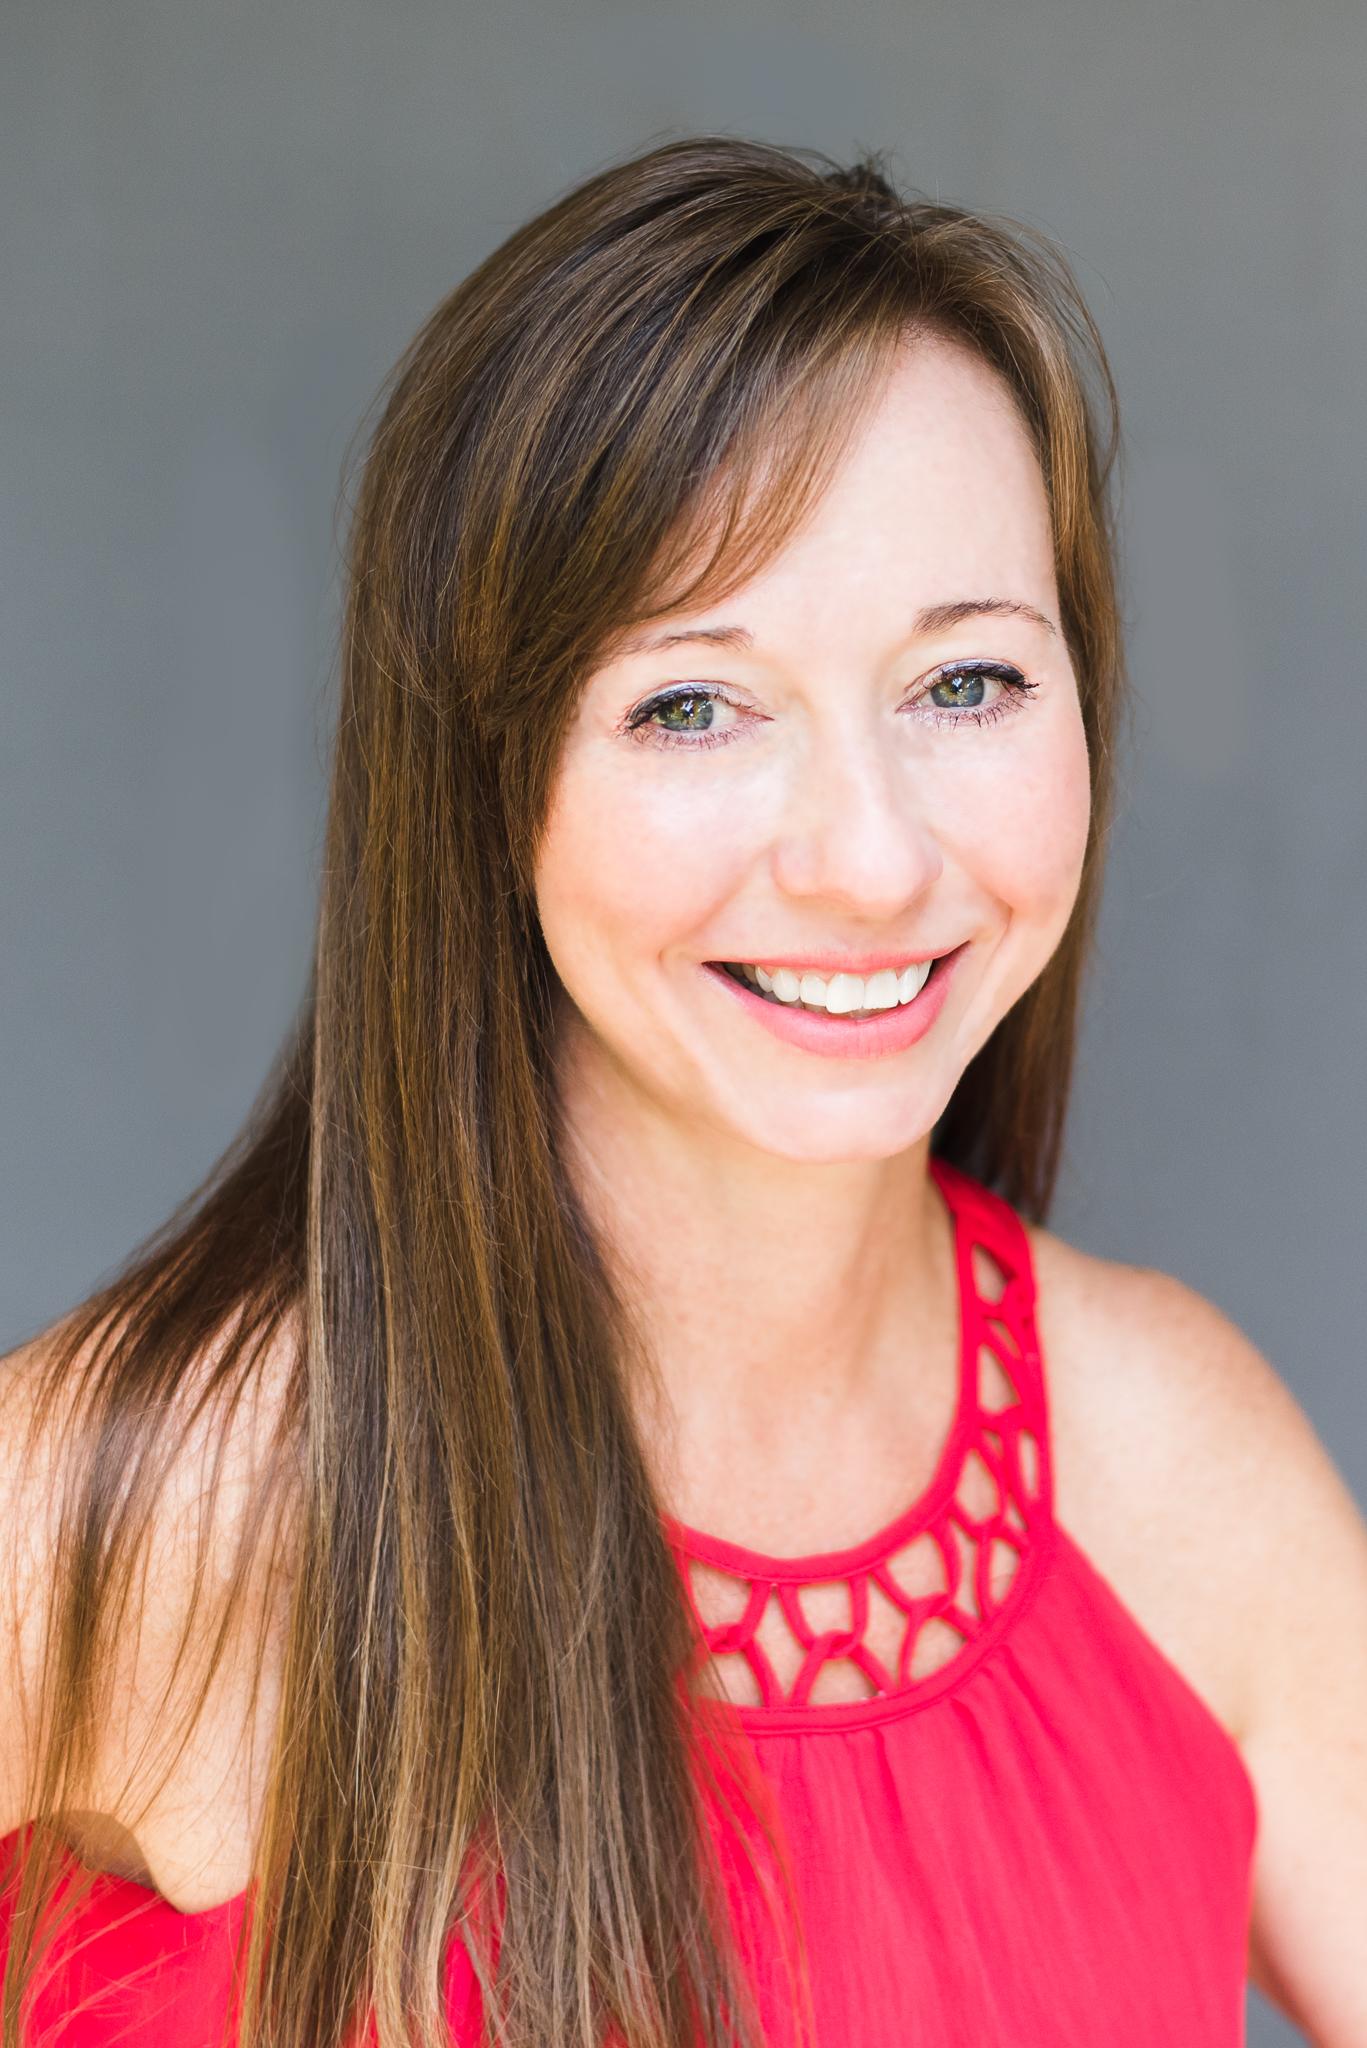 Round Rock Professional Headshot-Austin Professional Headshot-Emily Ingalls Photography-Georgetown Professional Headshot